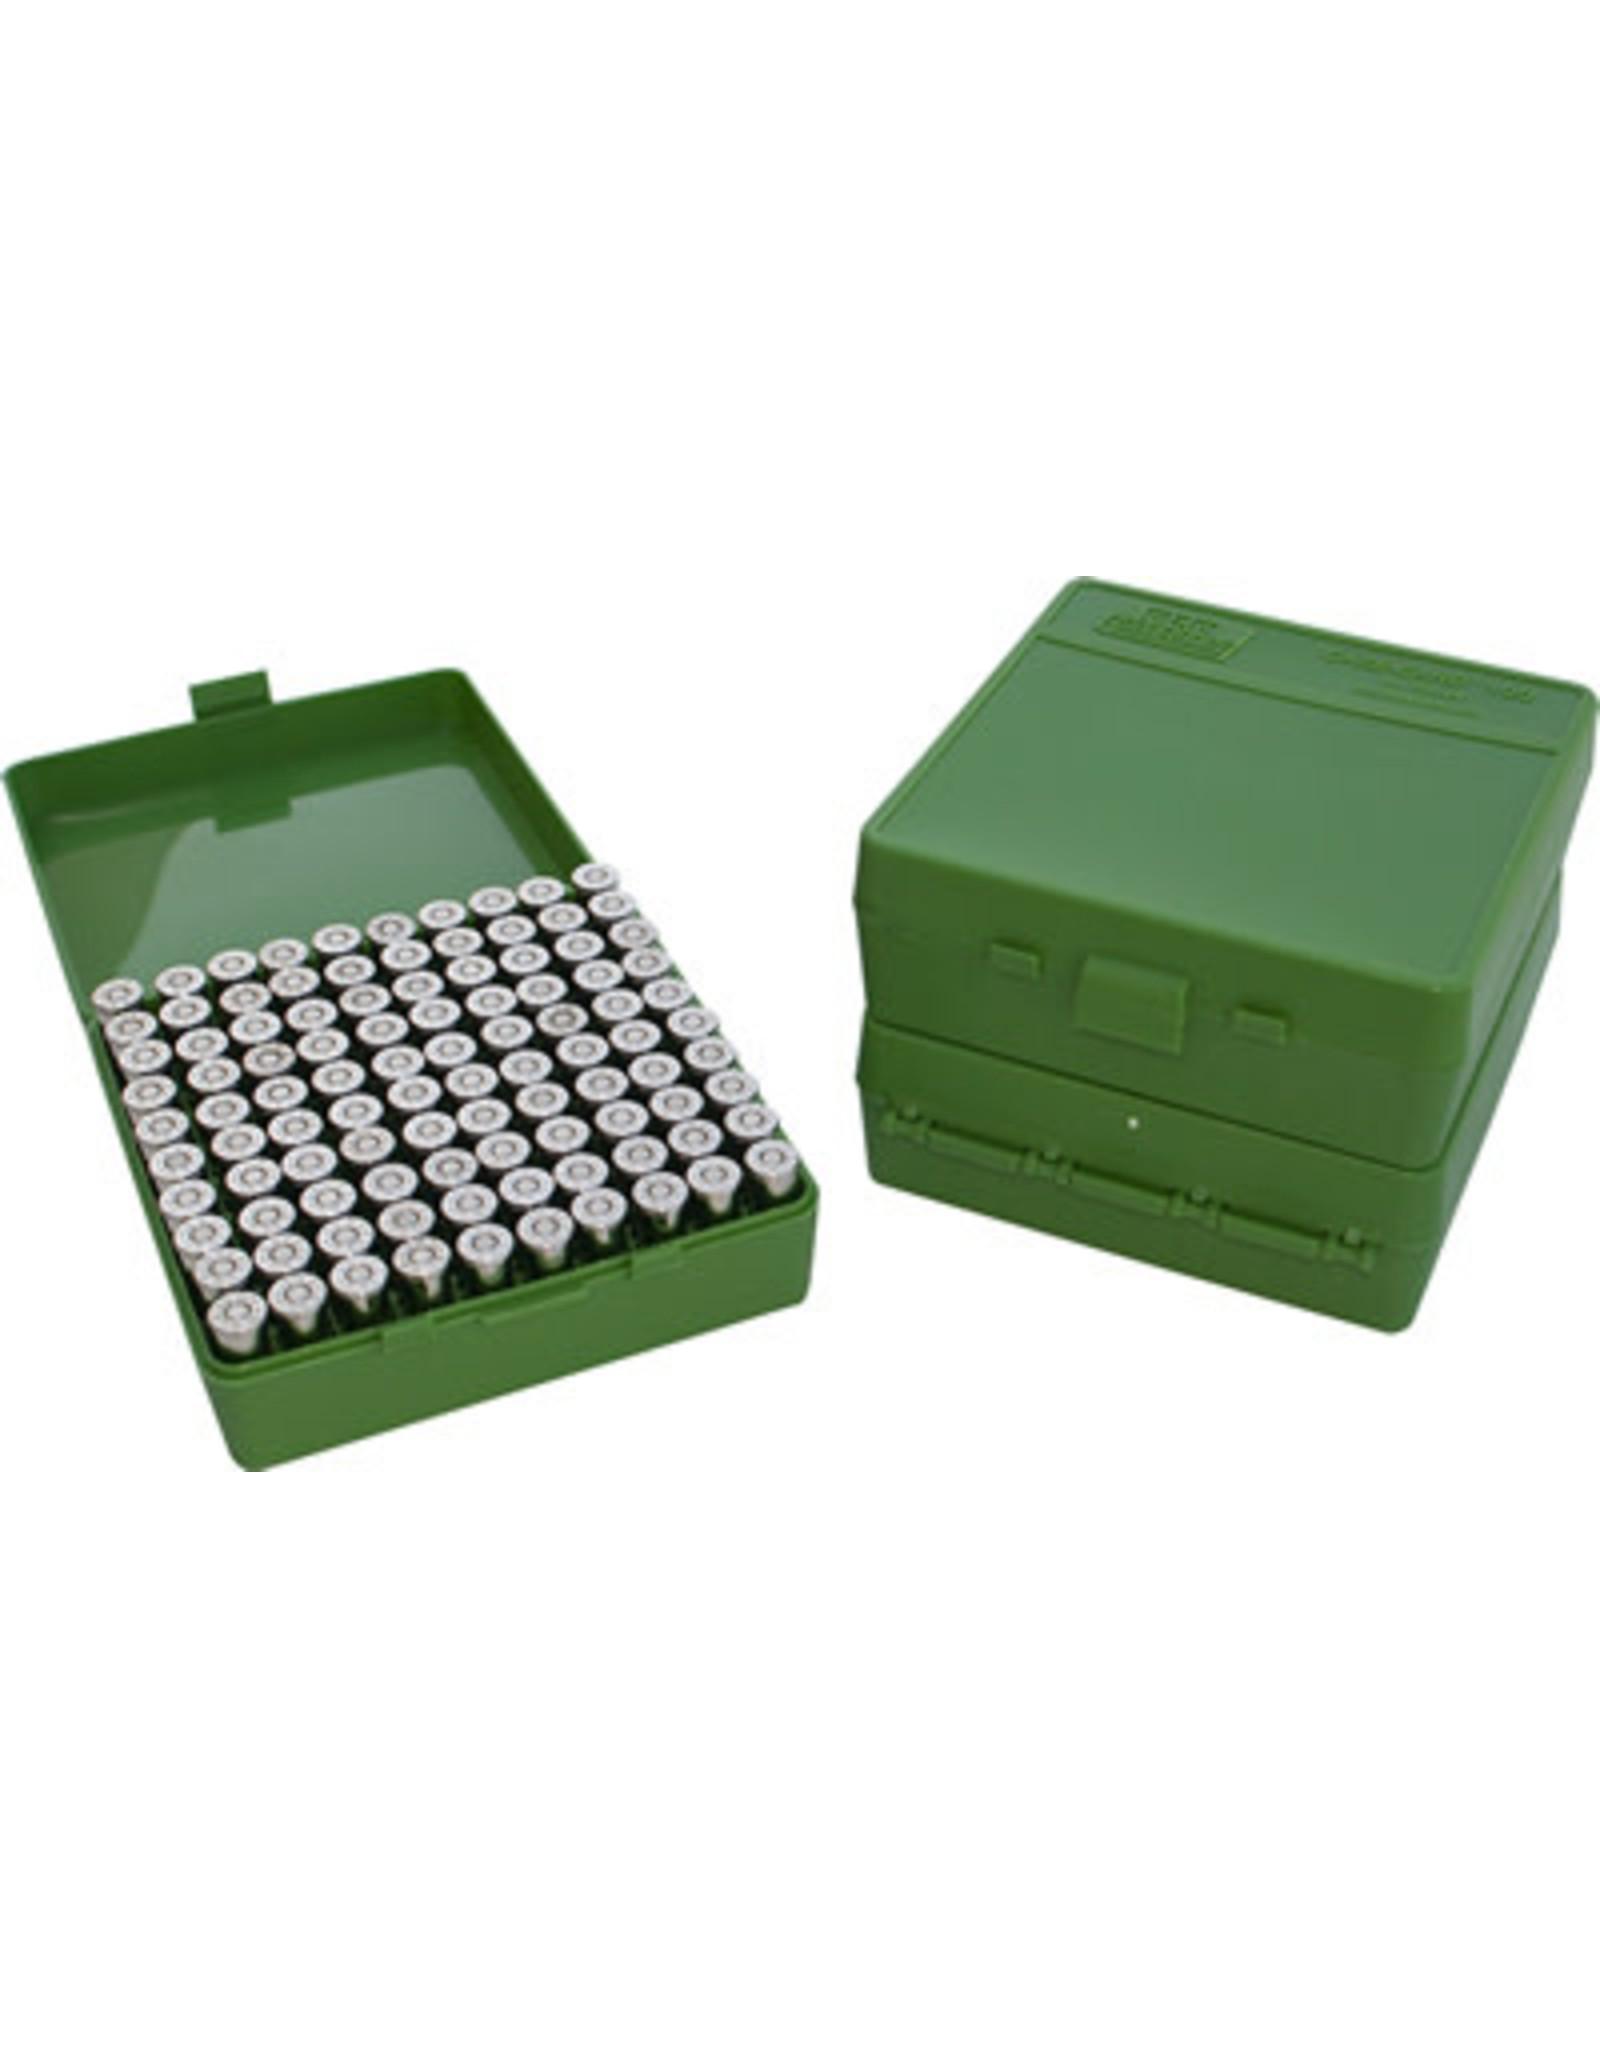 MTM Case-Gard MTM P-100-44-10 Case-Gard Ammo Box